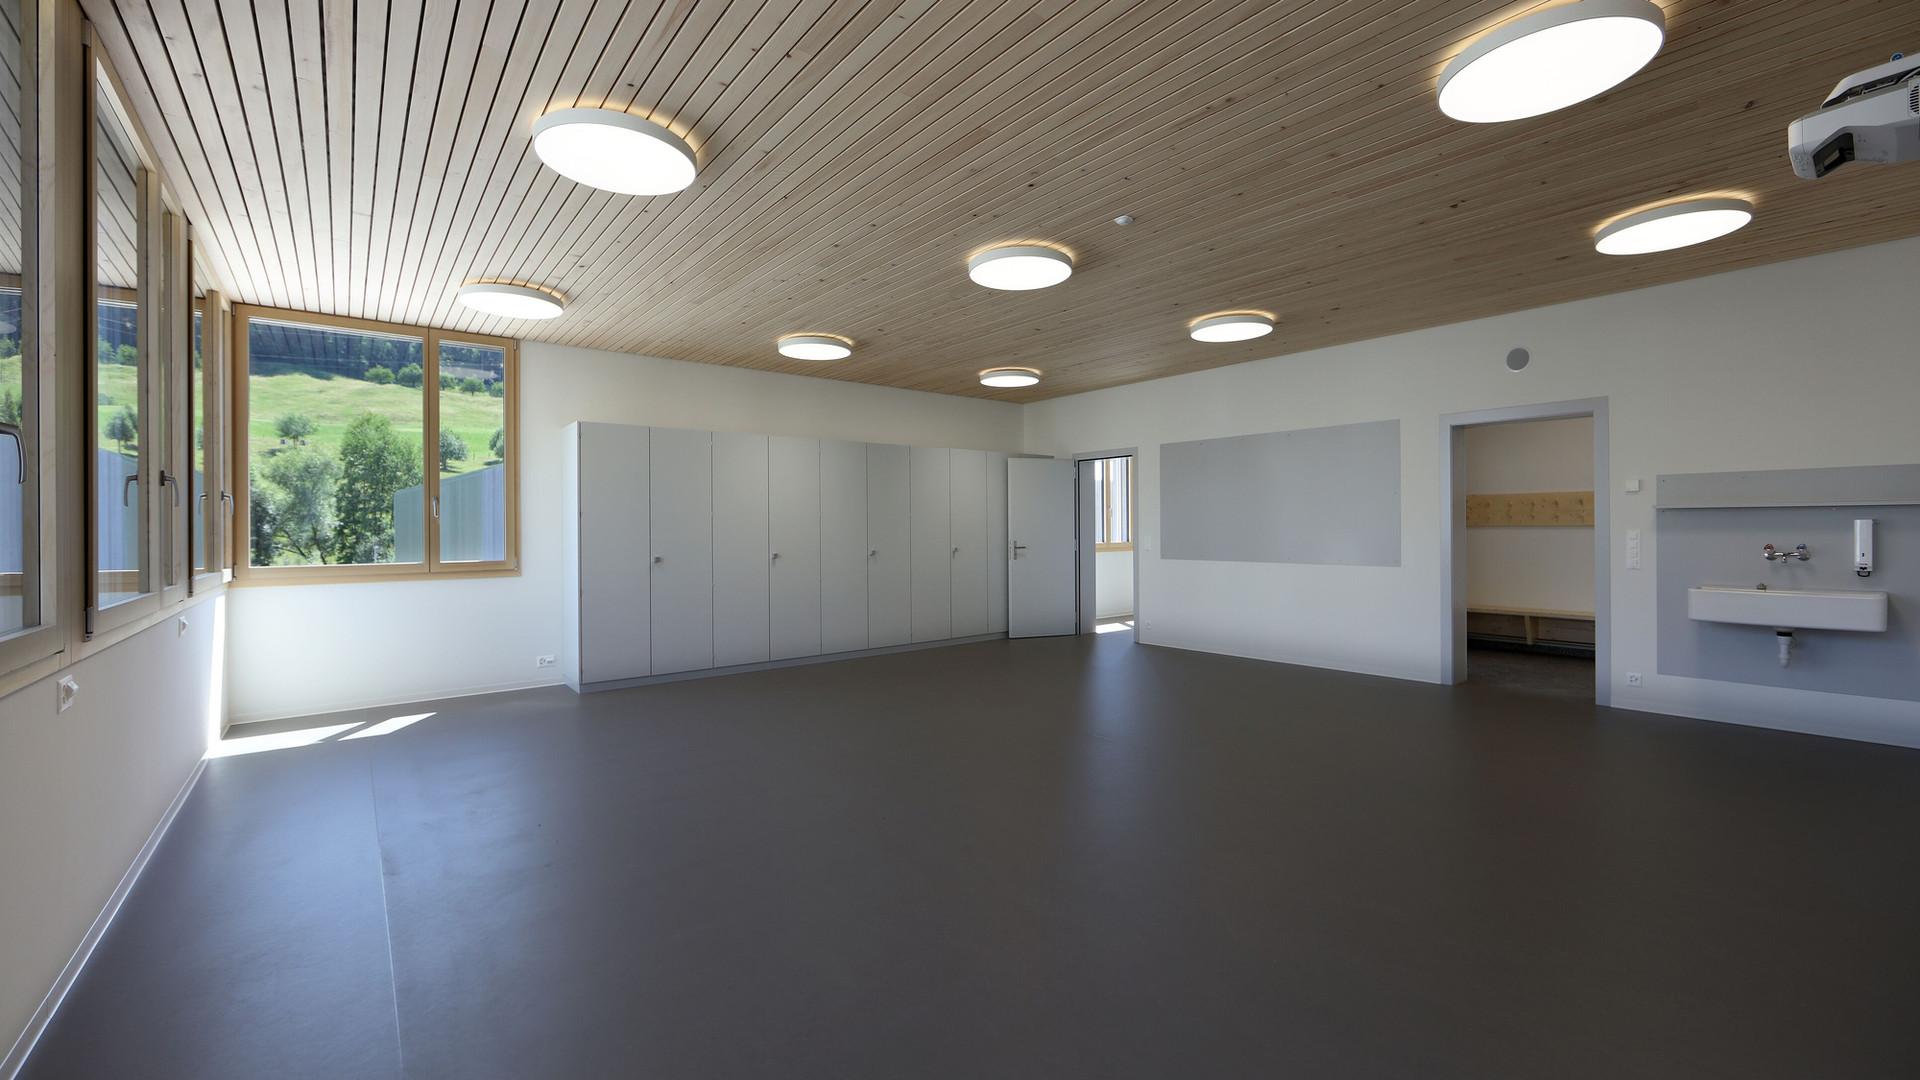 Schulhaus Ormalingen Klassenraum.jpg